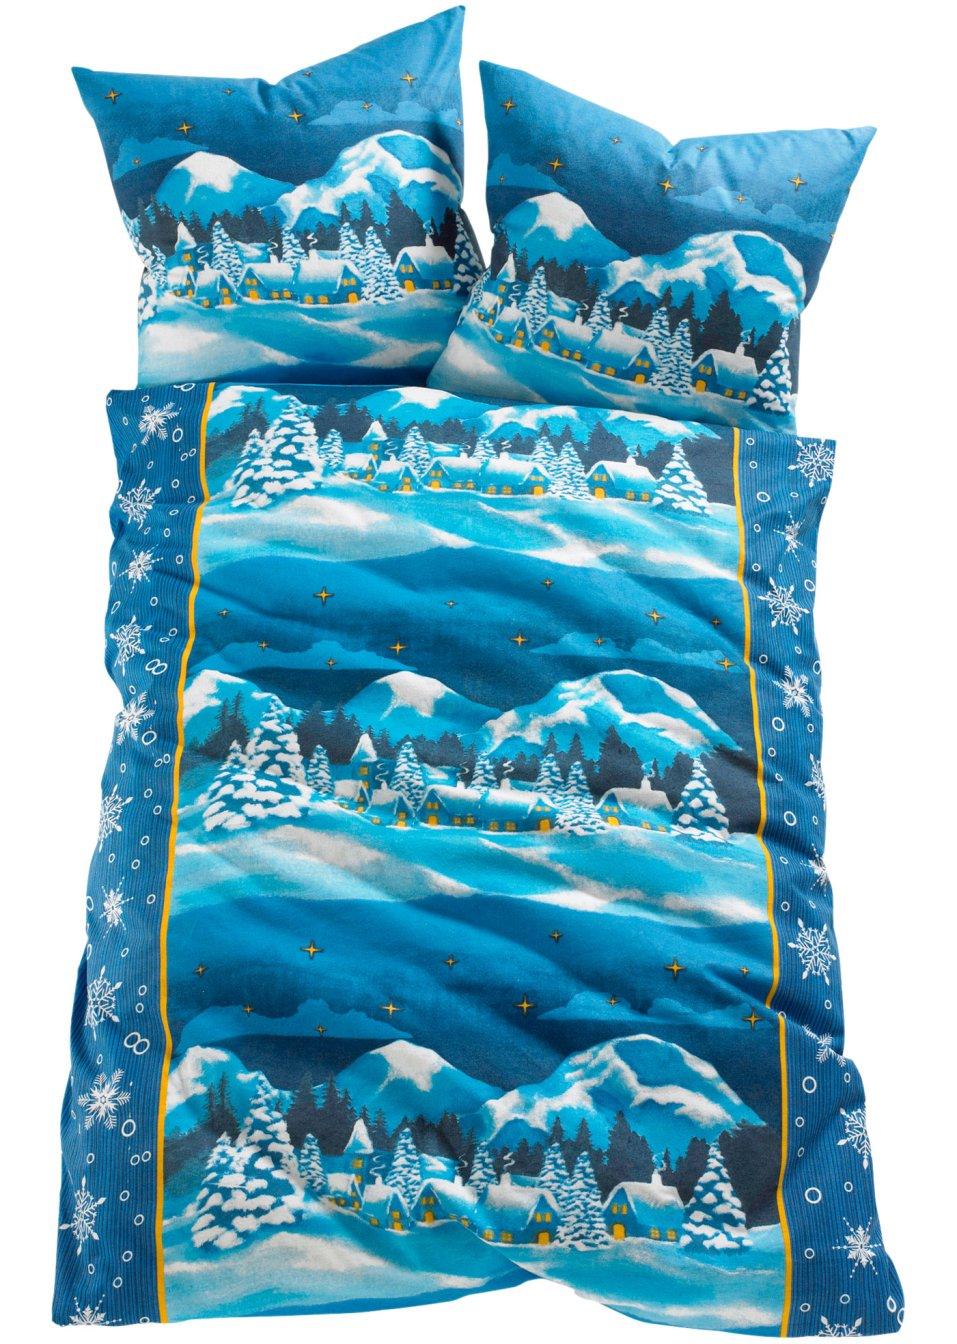 tirol ist eine tolle bettw sche mit sch nem landschaftsmotiv blau linon. Black Bedroom Furniture Sets. Home Design Ideas